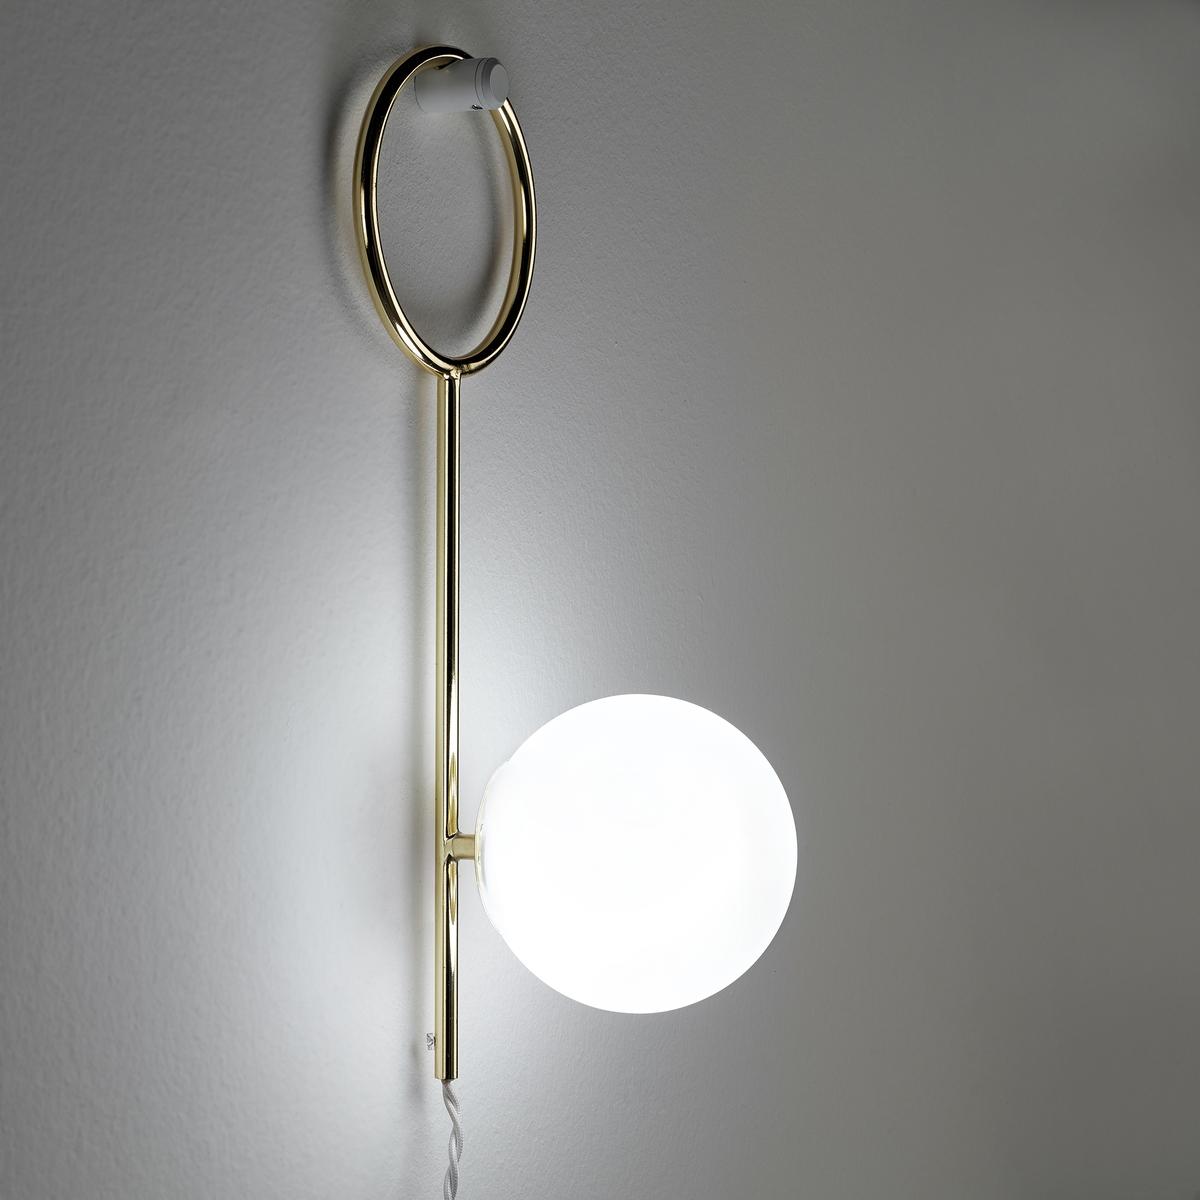 Бра ArellanoБра Arellano. Красивый рассеянный свет благодаря колпаку из опалового стекла…Характеристики : - Колпак из опалового стекла- Каркас из металла с покрытием латунью с эффектом старения- Плетеный электропровод, длина 1,95 м- Патрон G9 для флуоресцентной лампы макс. 18 Вт (продается отдельно)- Совместим с лампами класса энергопотребления CРазмеры : - Колпак ?12 см- Ш.16,5 x В.40,5 x Г.13 см<br><br>Цвет: опаловый белый